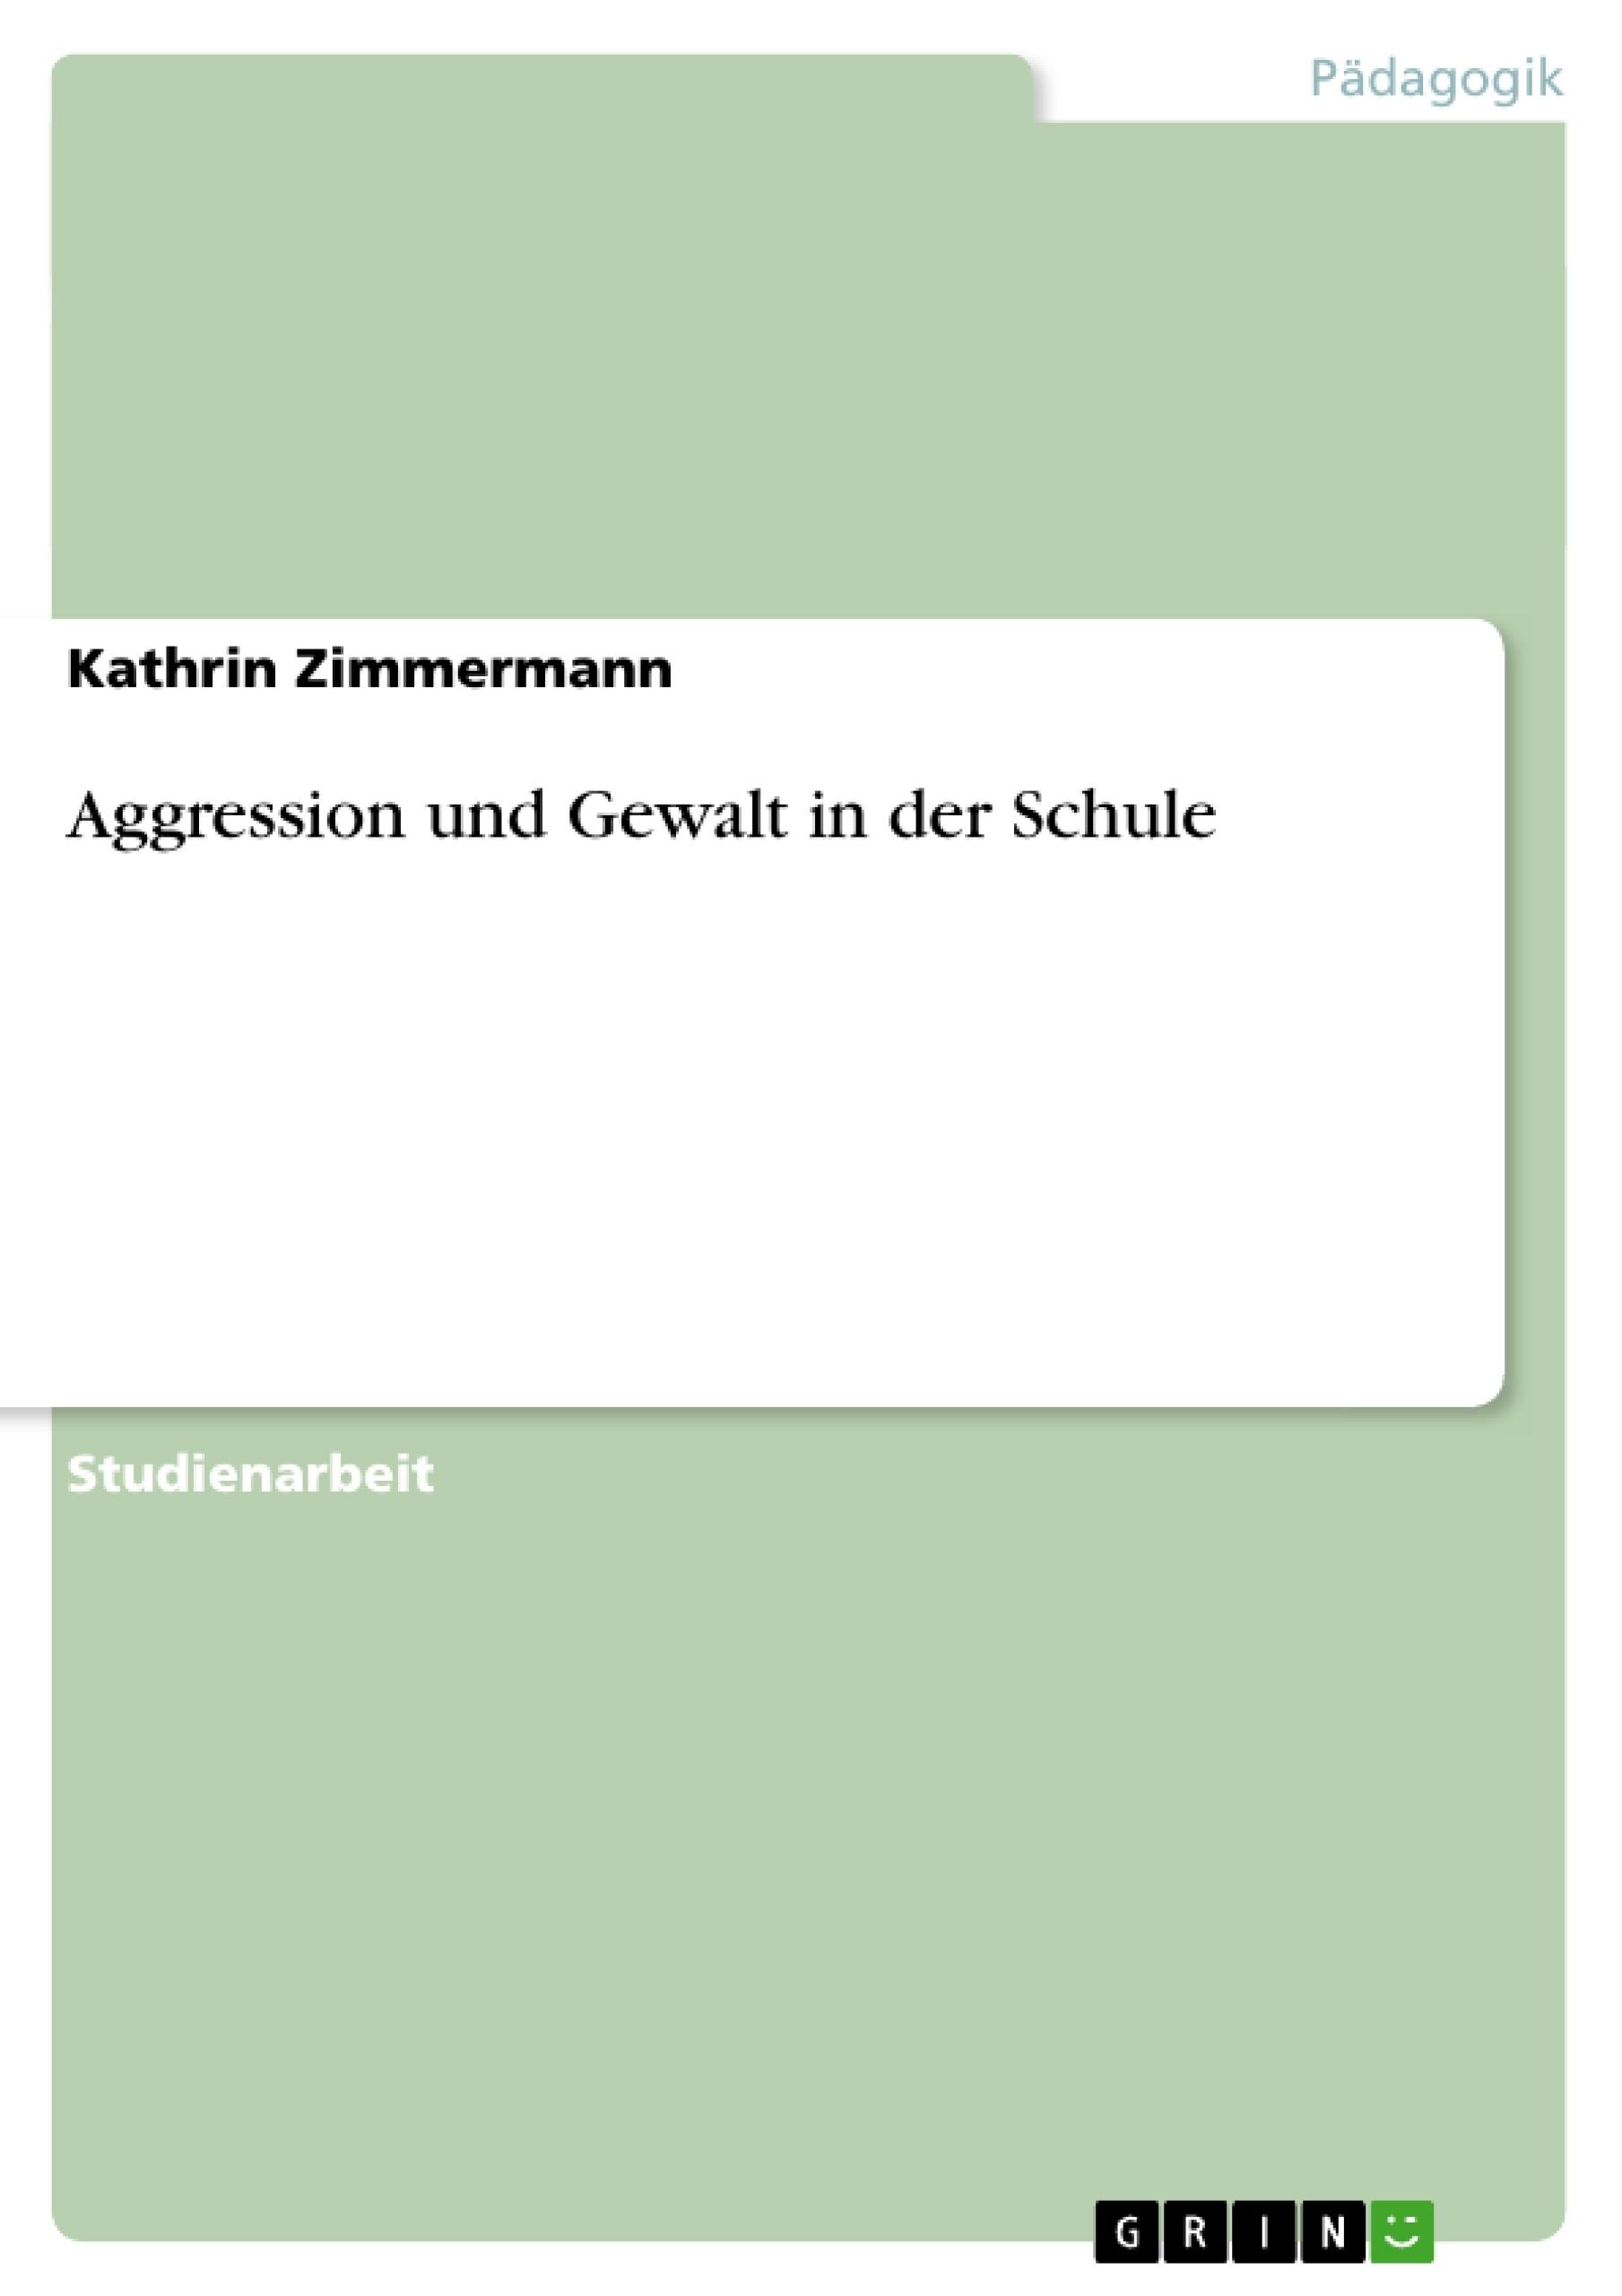 Titel: Aggression und Gewalt in der Schule